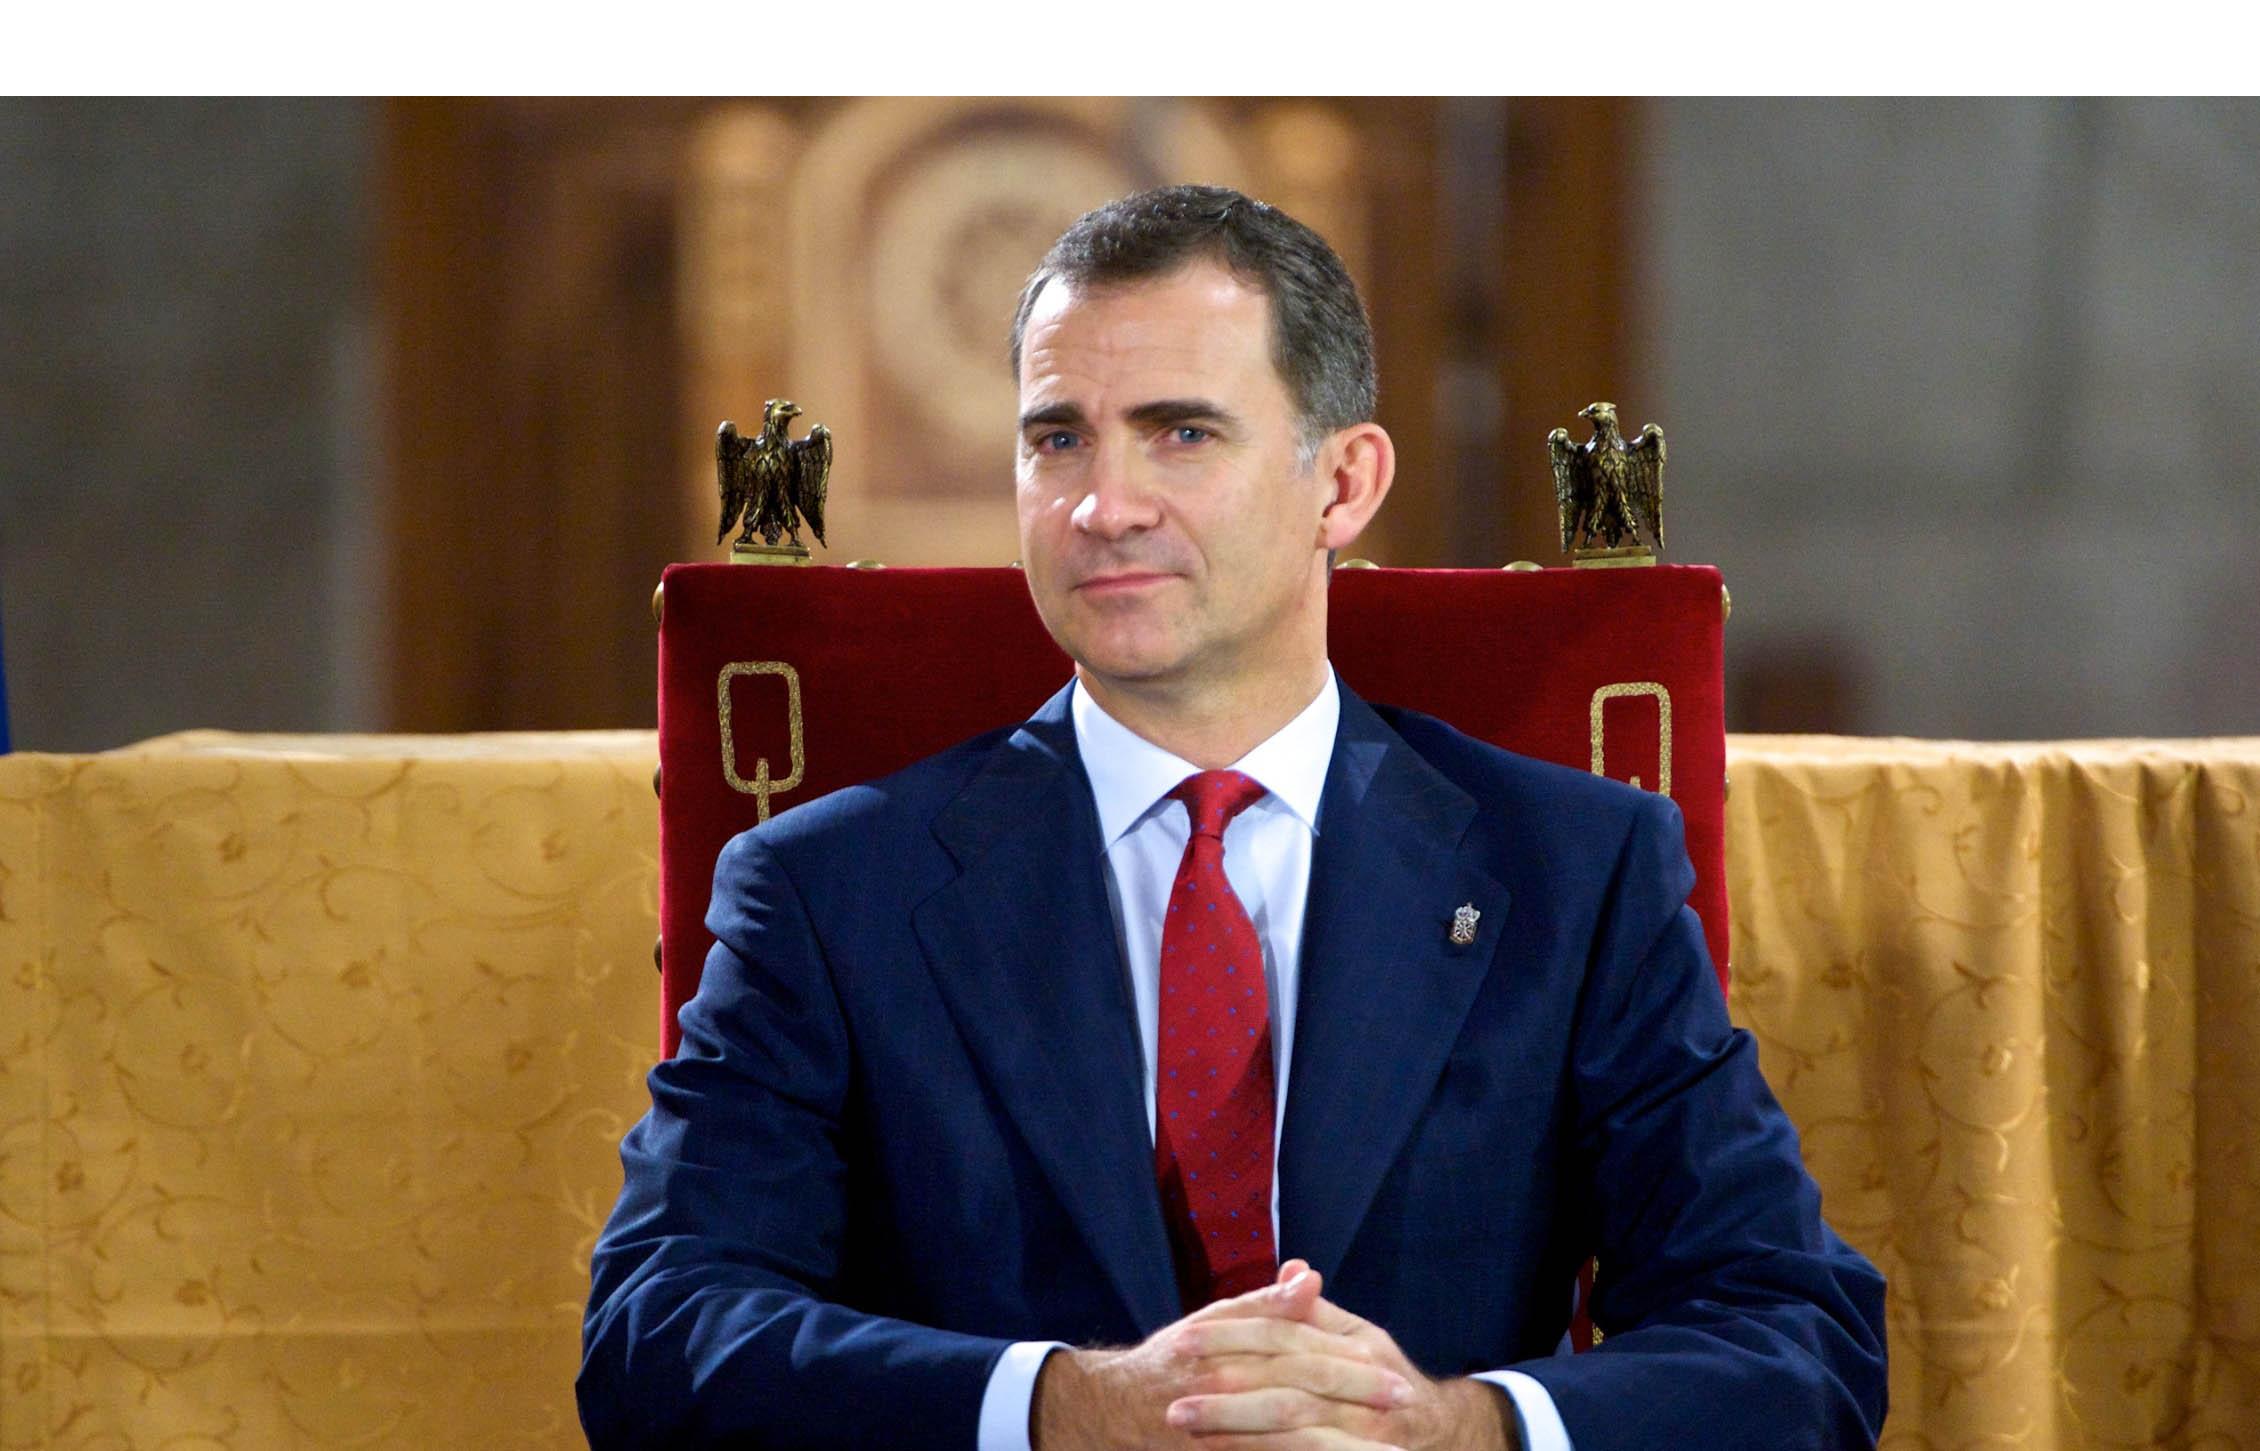 En vista de la fallida investidura de Mariano Rajoy, el Rey español resaltó la necesidad de que se forme un Gobierno